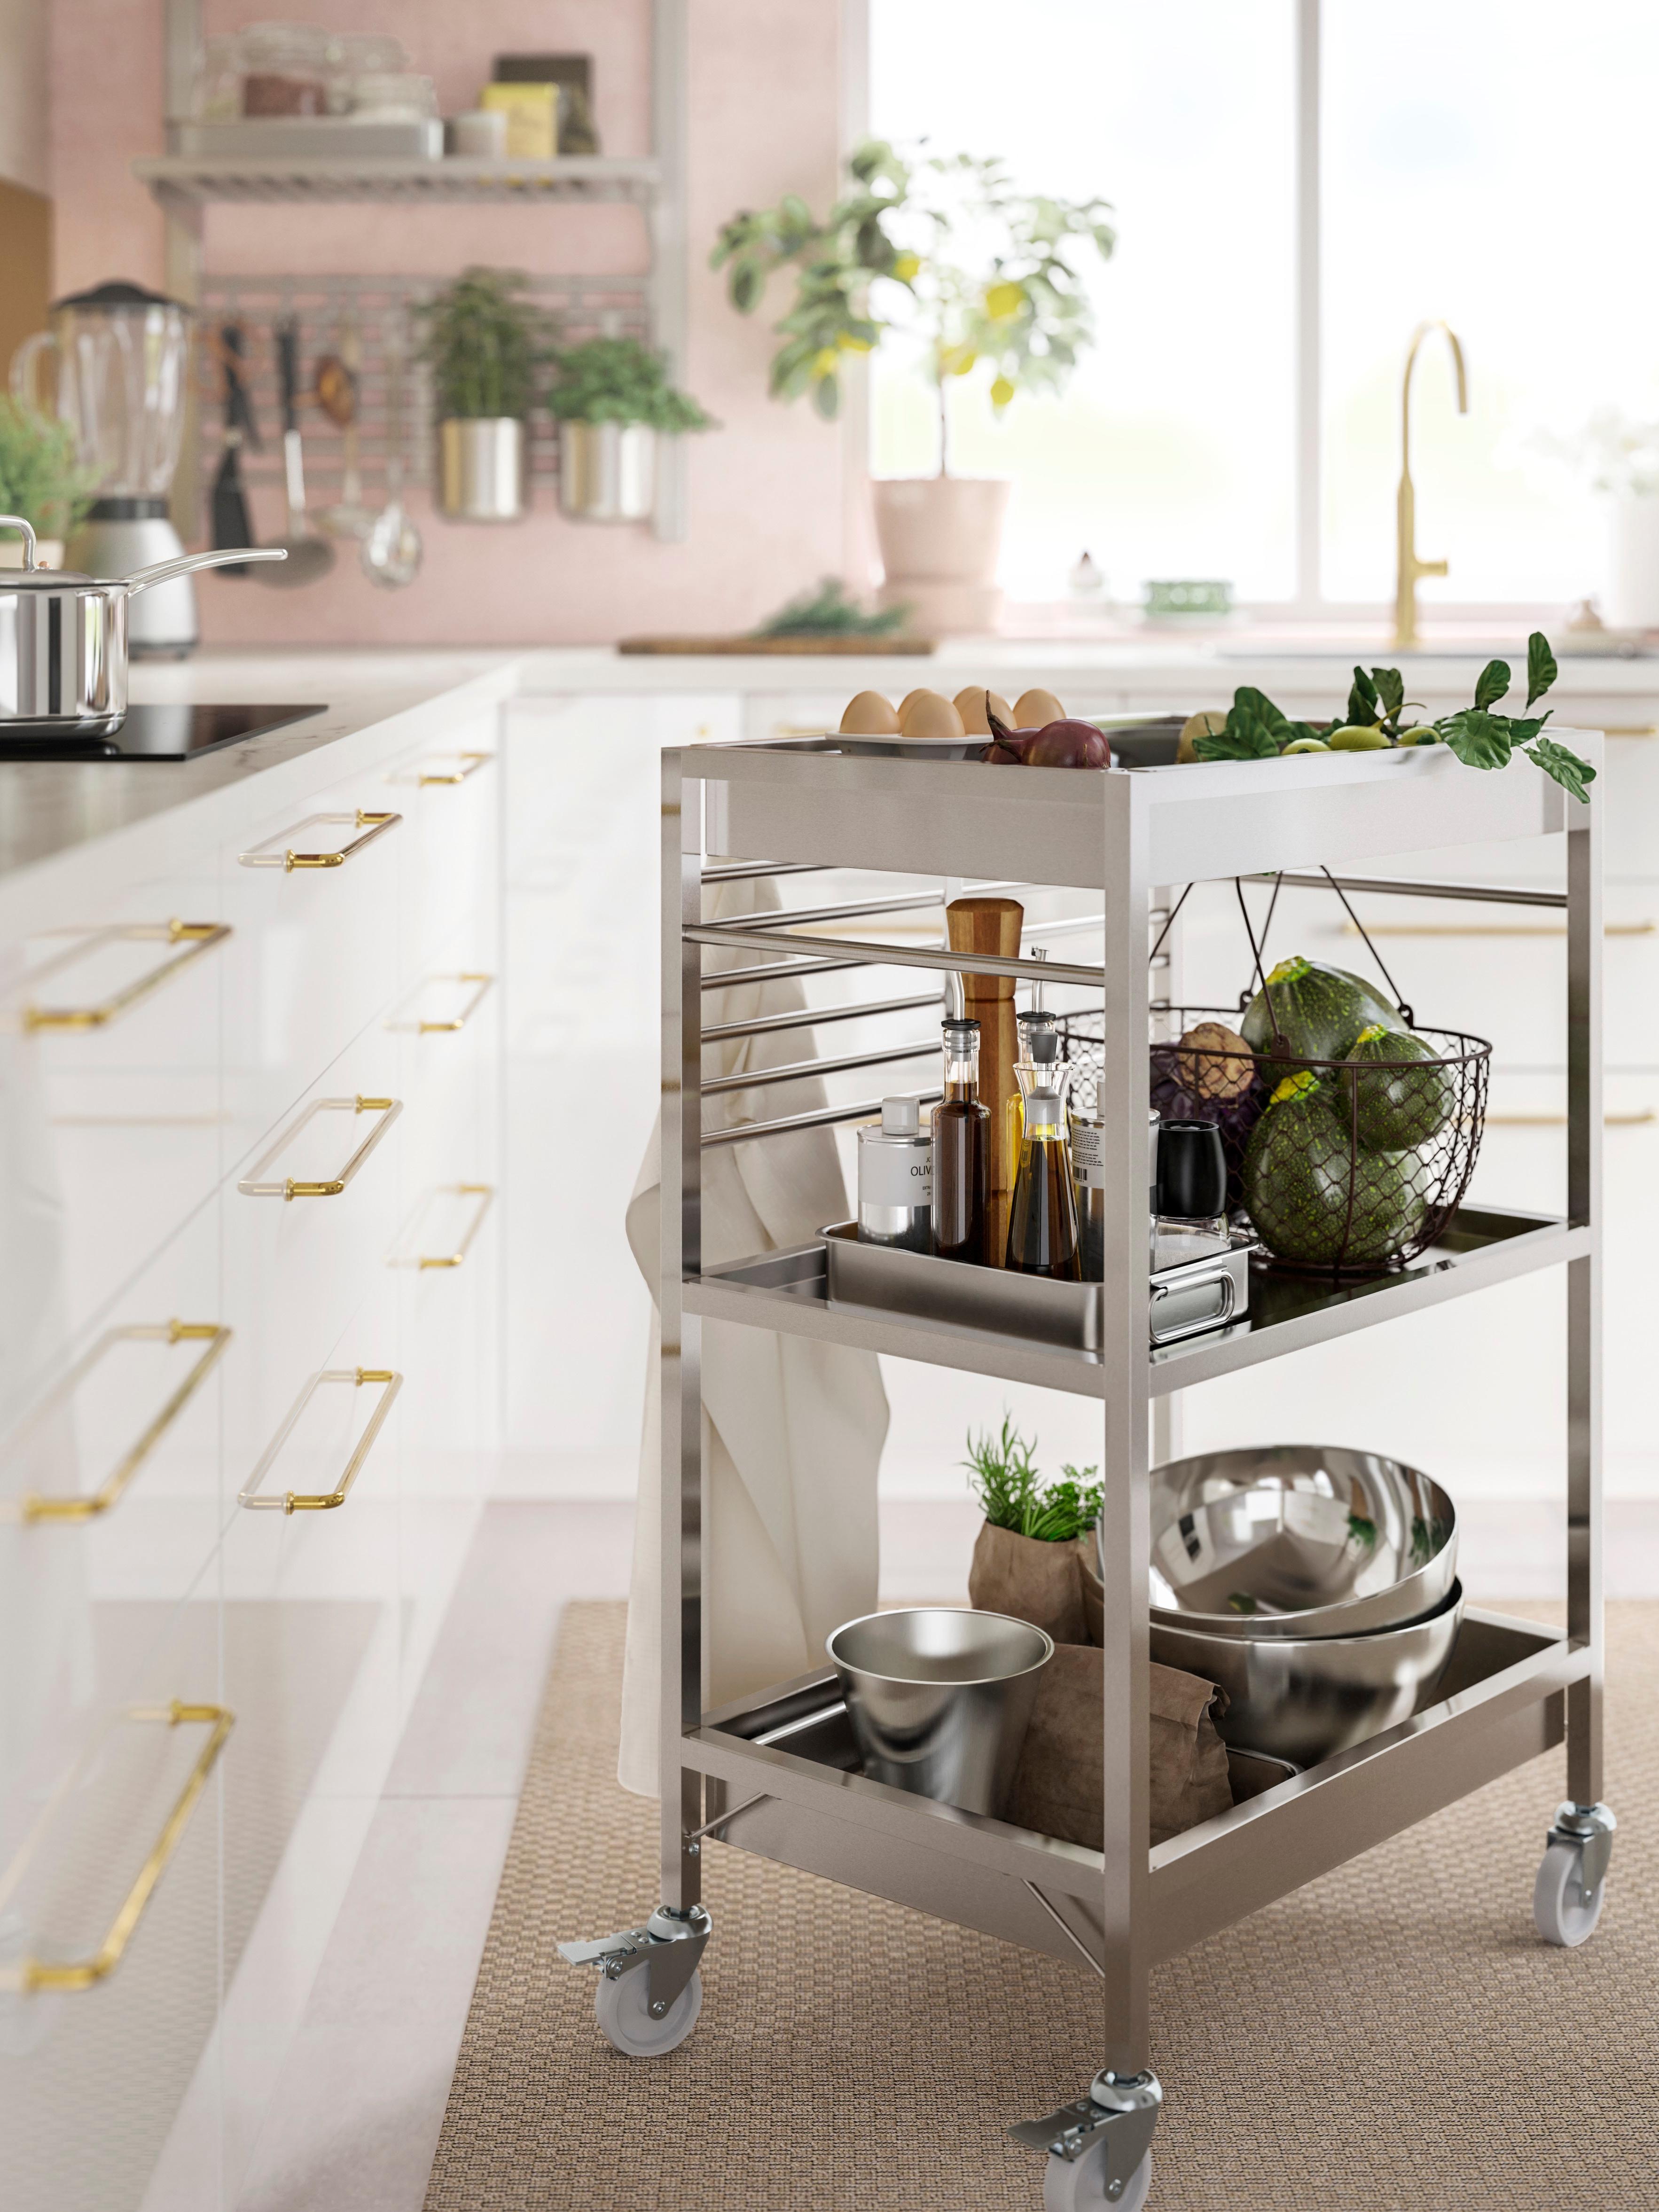 Carrinho de cozinha KUNGSFORS em aço inoxidável com prateleiras, calhas e rodízios com travão, com tigelas e alimentos, ao lado de armários de cozinha.